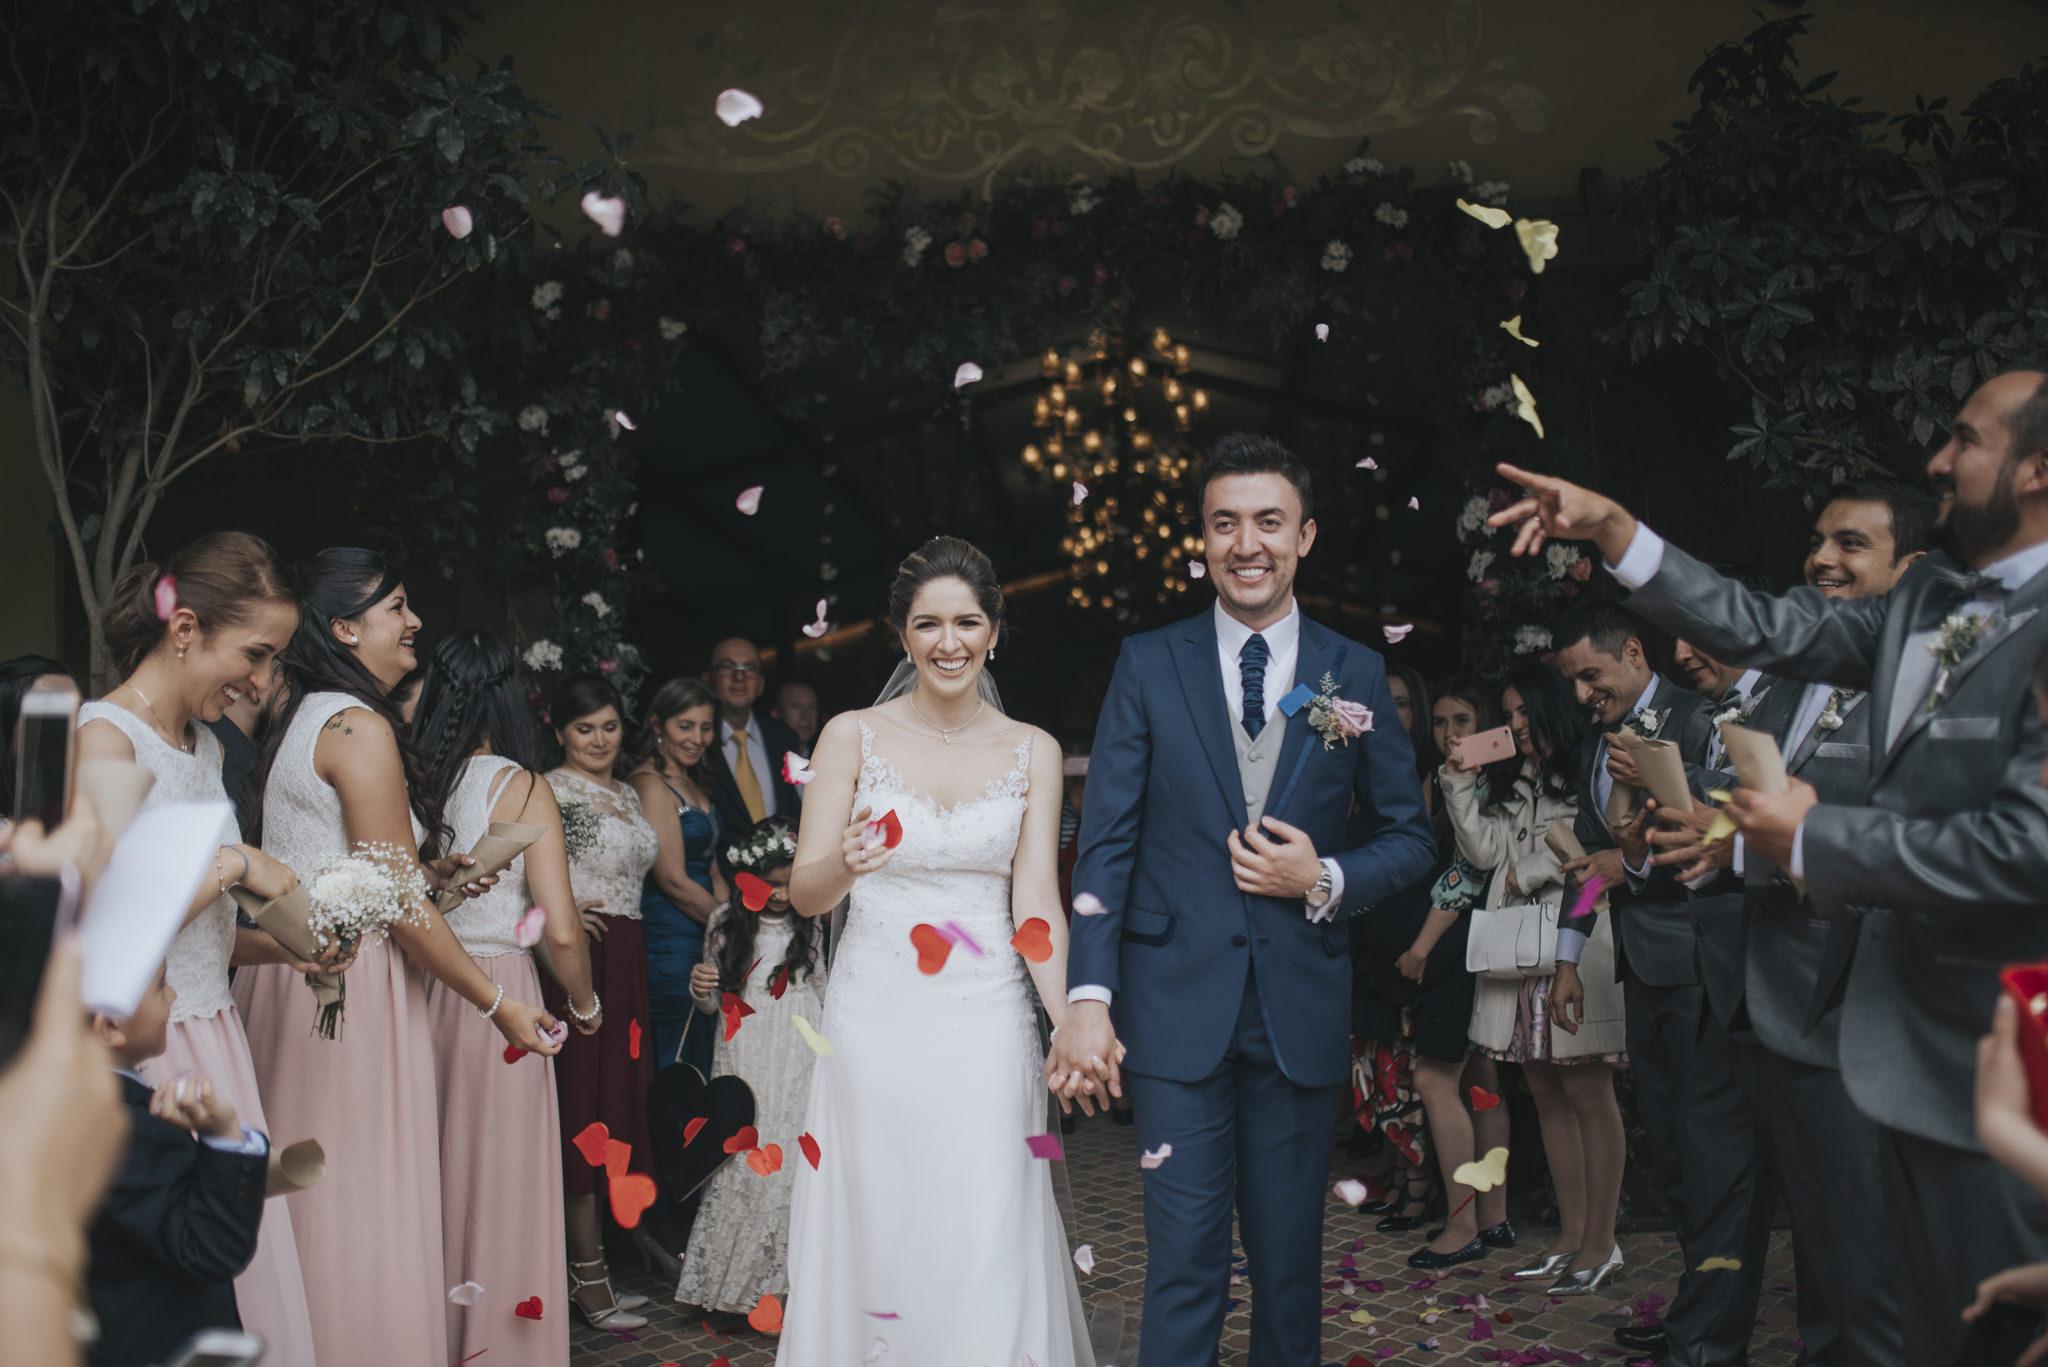 Vanessa + Geovanny 0191- sebastiangcardone.jpg